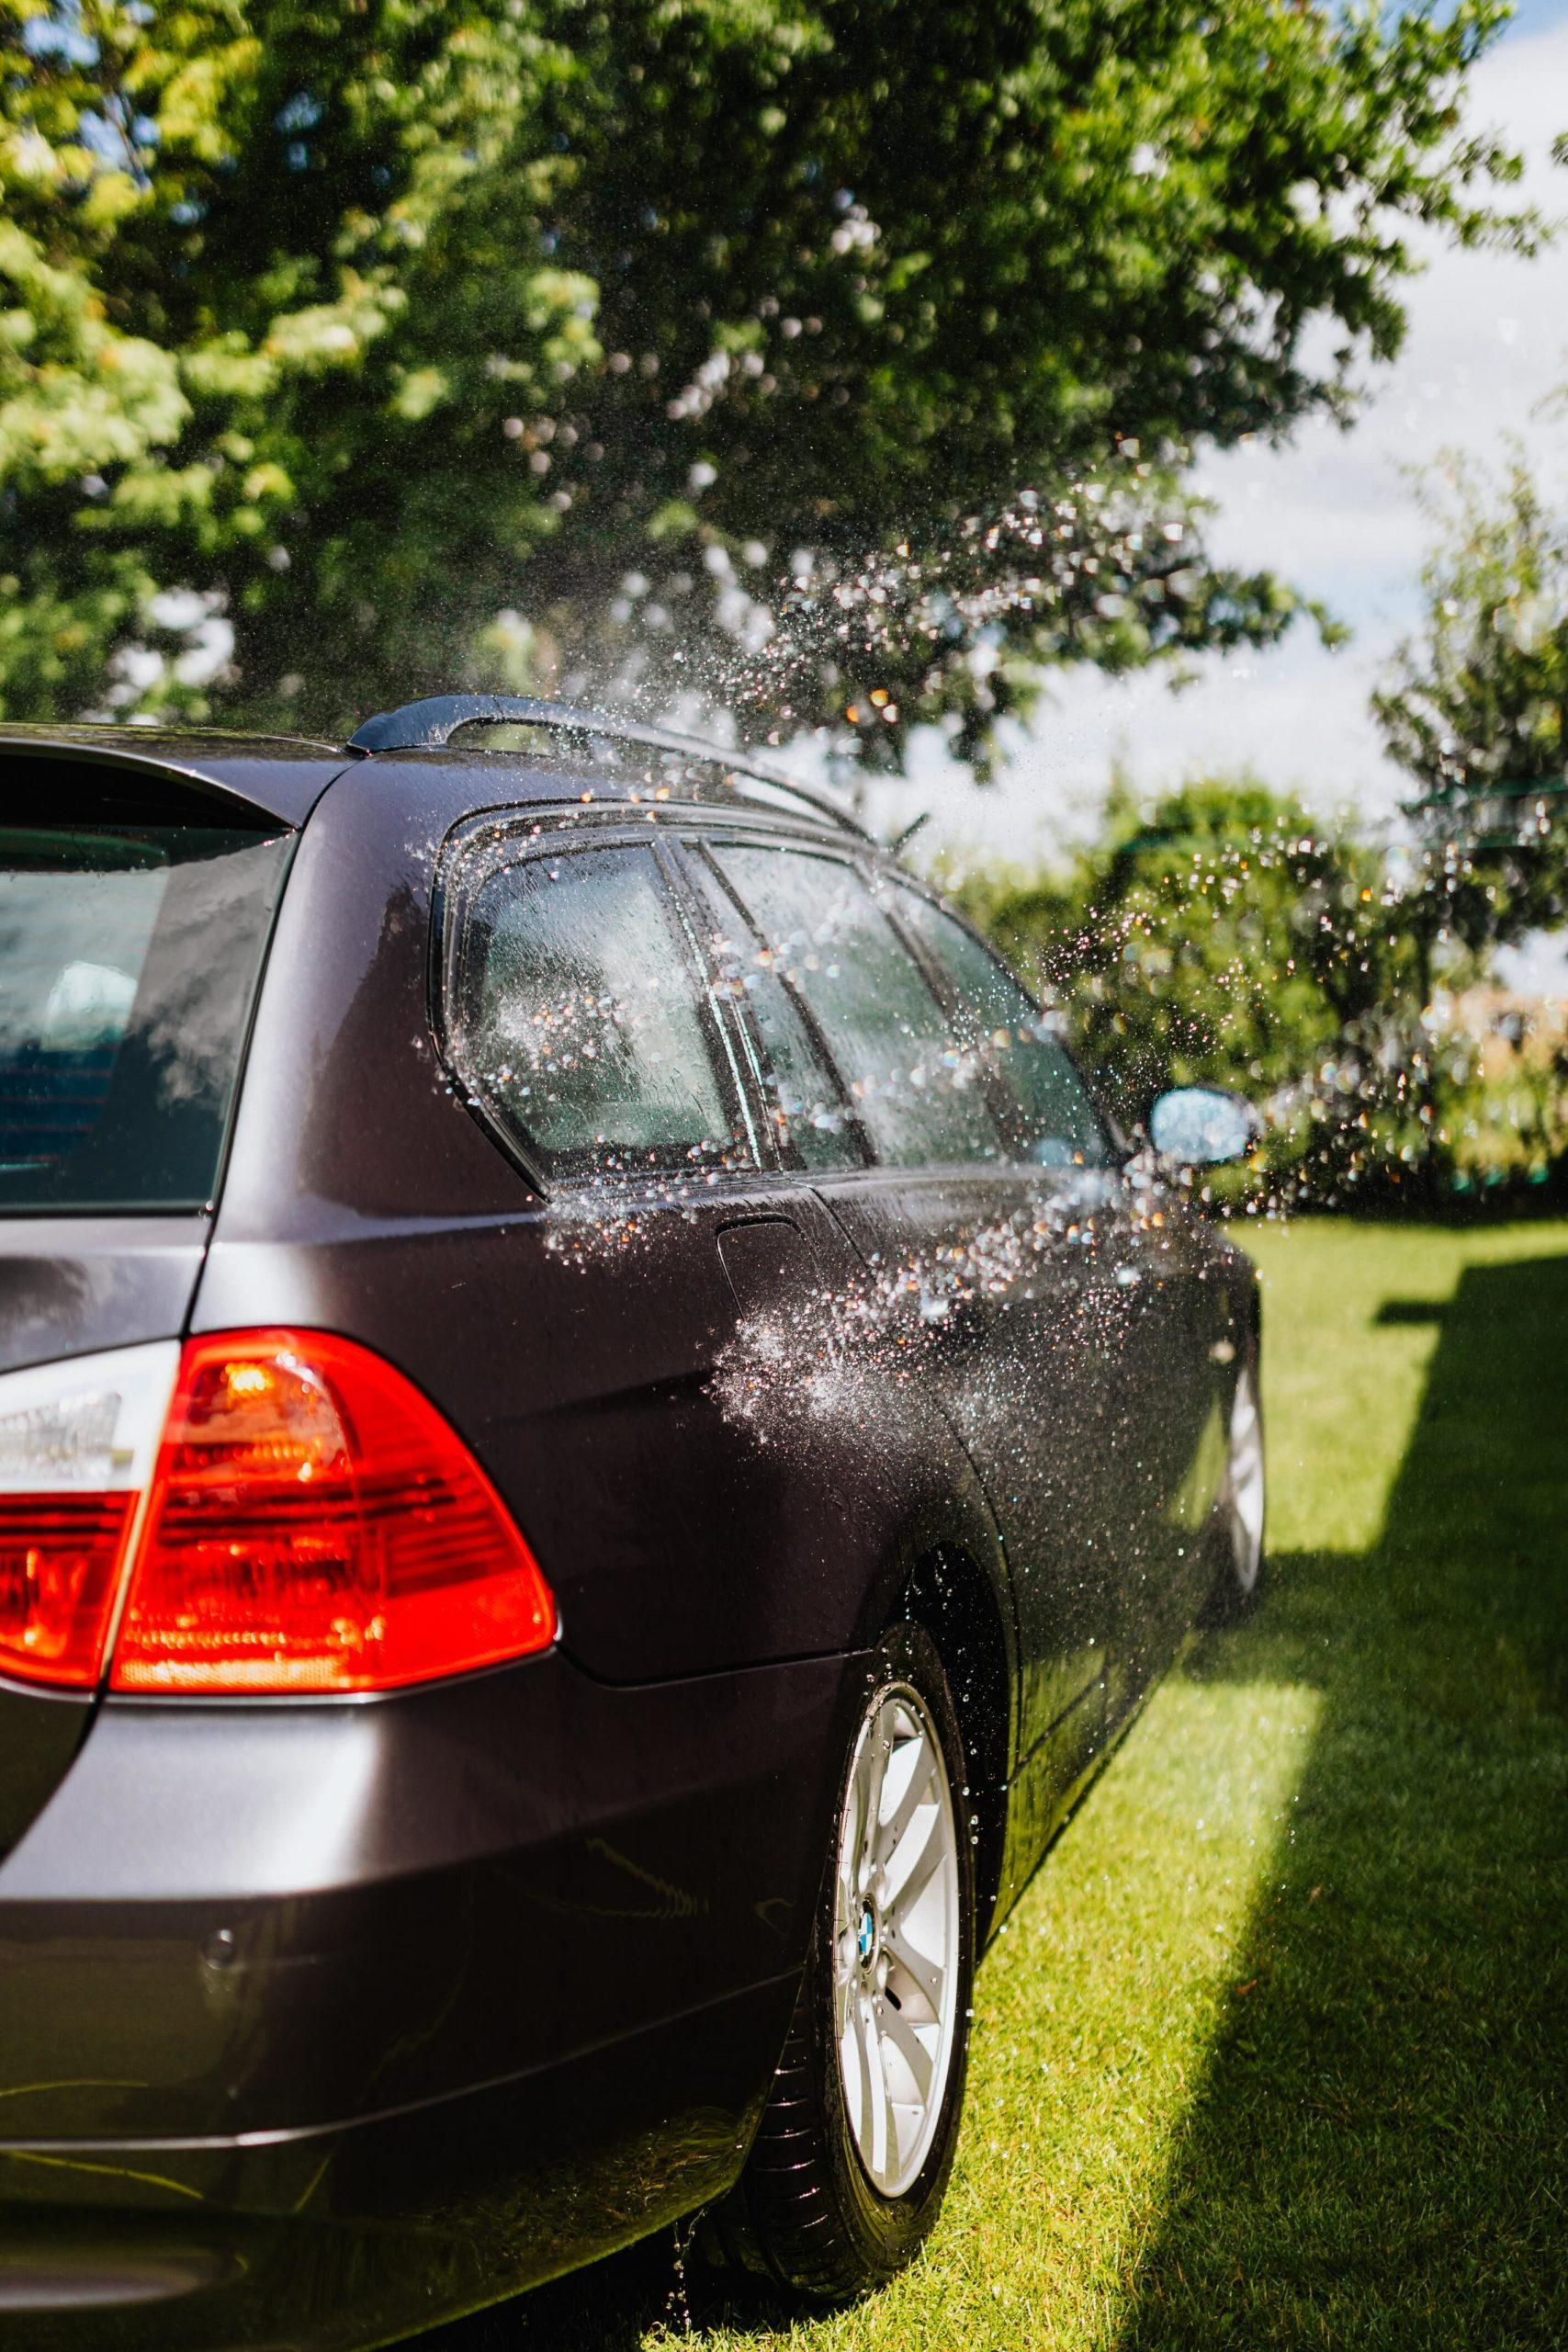 zwarte auto op het gras